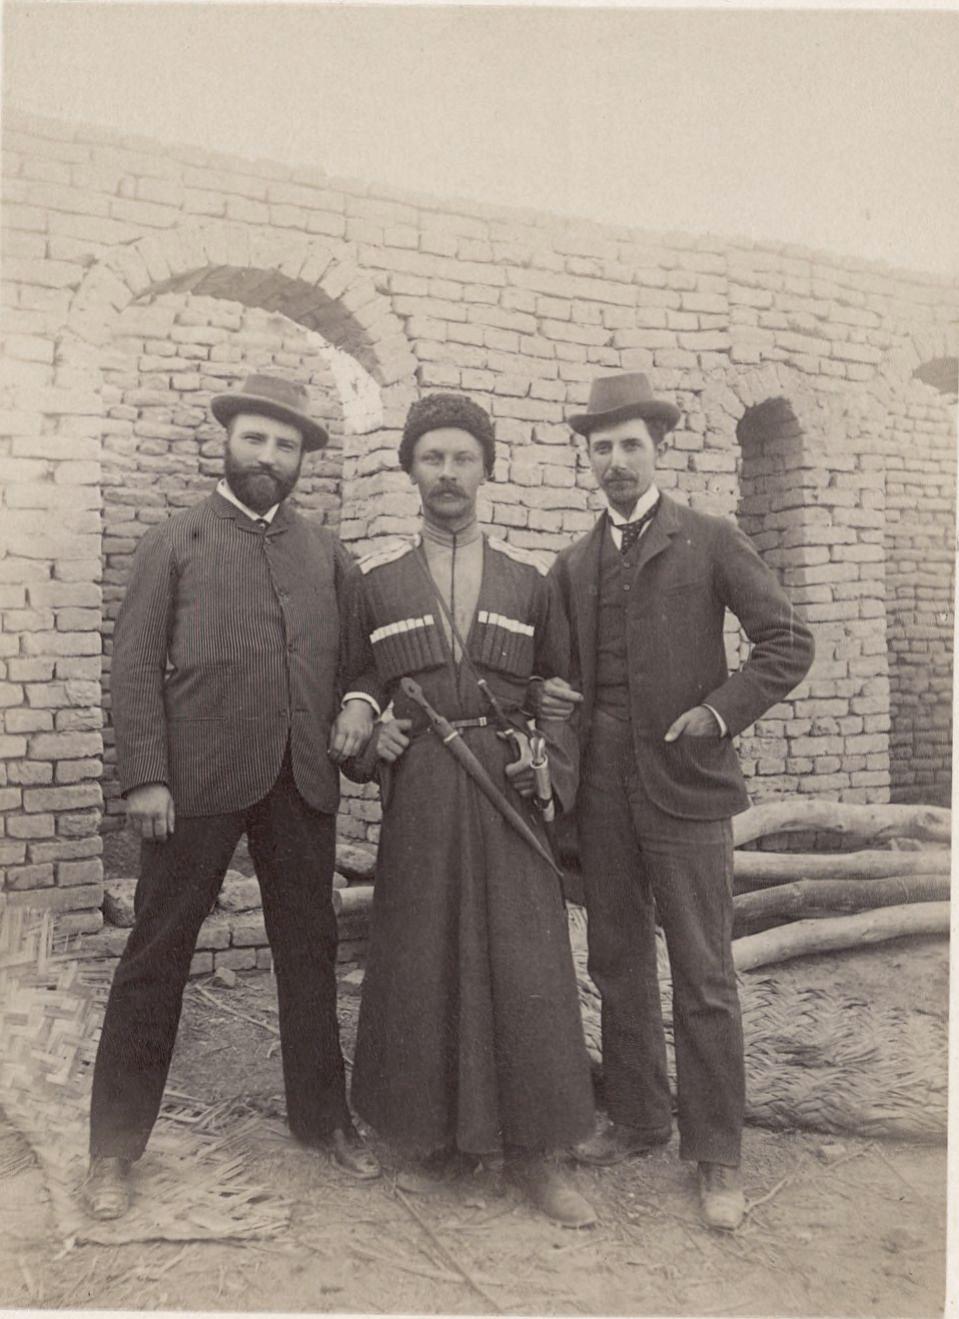 Мерв, Денисов (в центре), Лорин (слева) и я (справа)